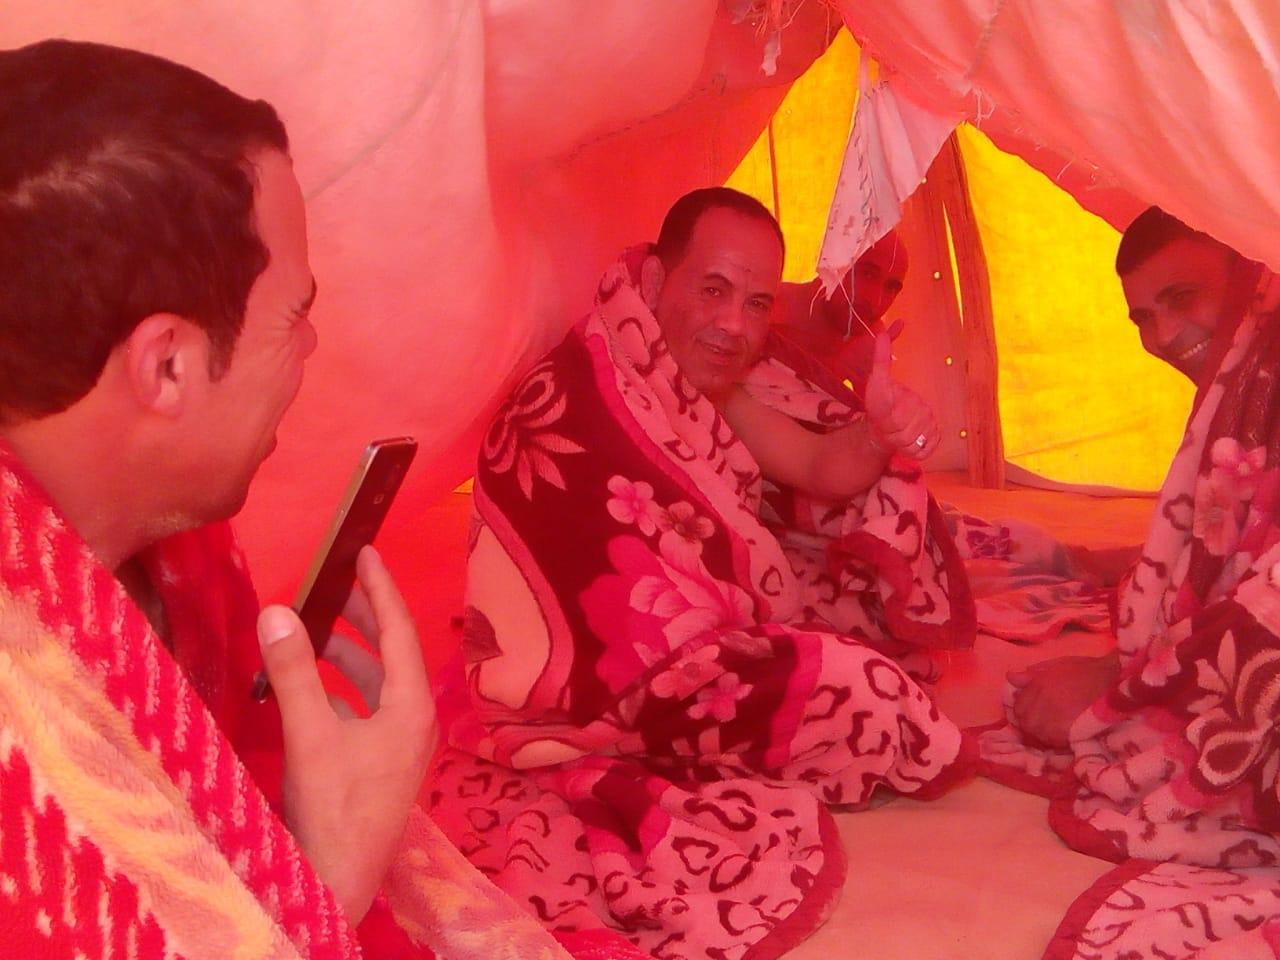 مجموعة من شمال سيناء داخل الخيمة عقب حمام الرمال فى سيوة